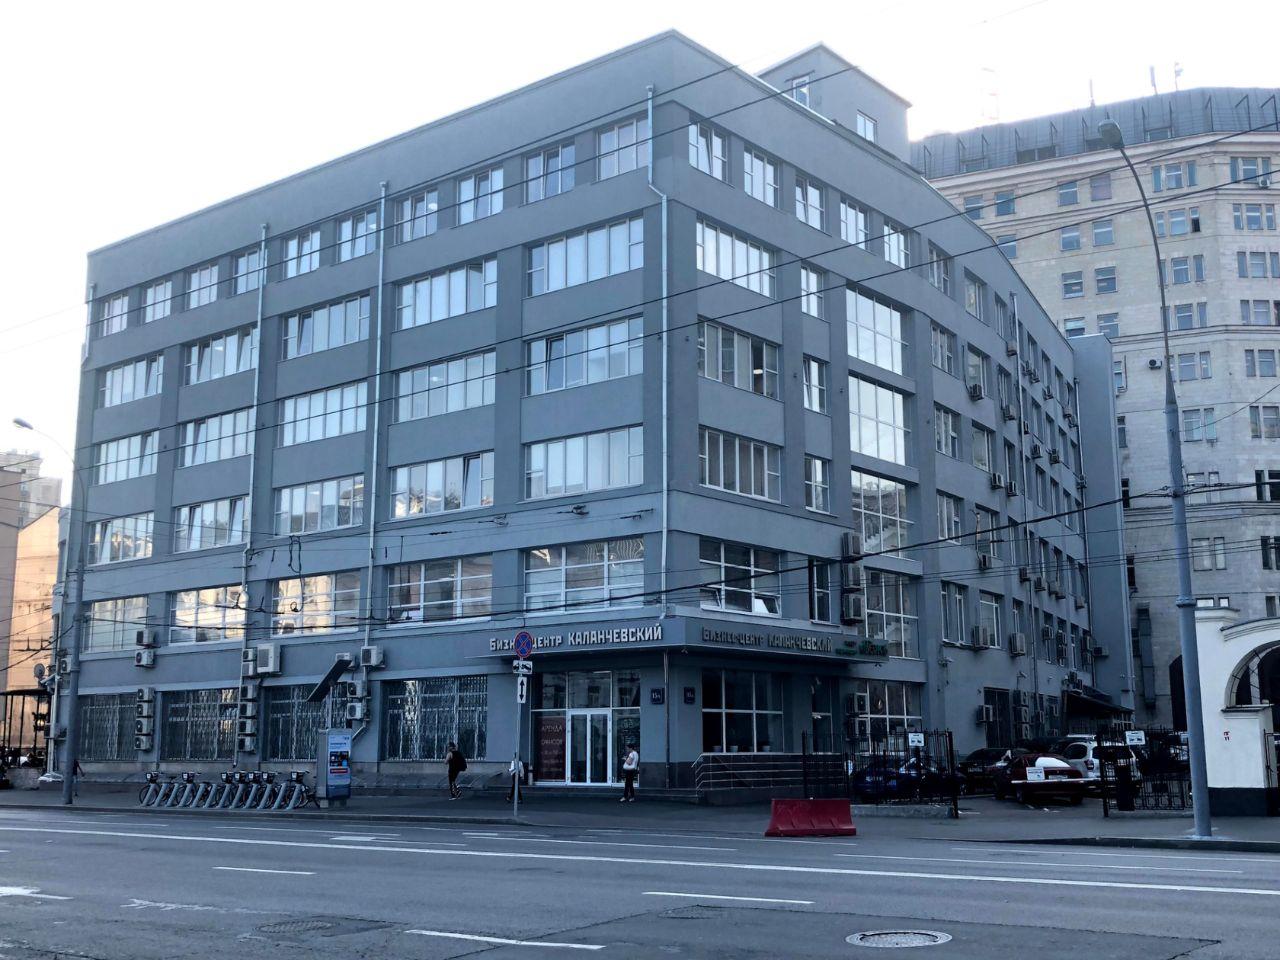 Аренда офиса без посредников бизнес центр лидер сайт поиска помещений под офис Сергея Эйзенштейна улица